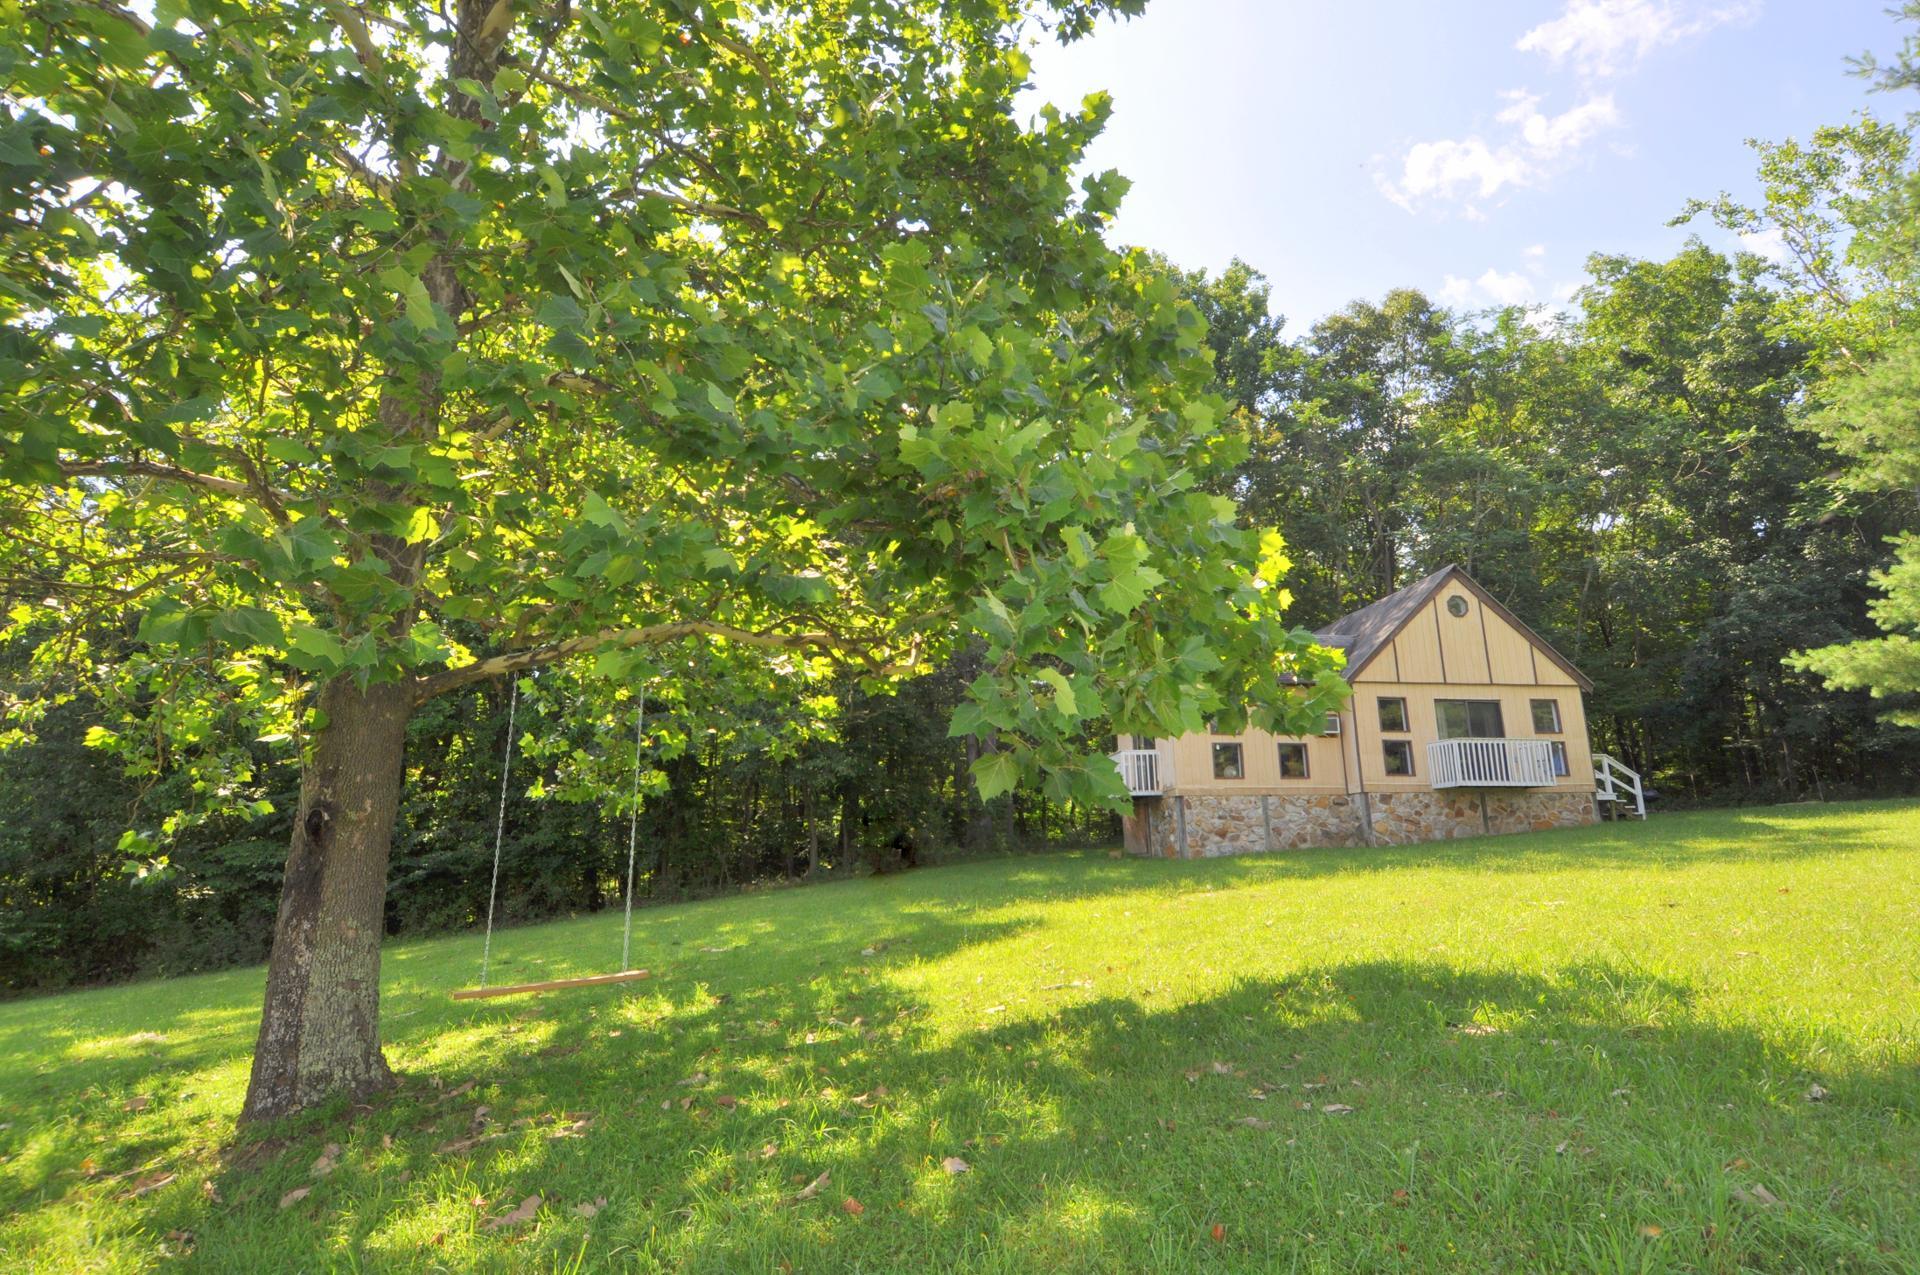 View Haven rental home at Berkeley Springs Cottage Rentals in Berkeley Springs West Virginia